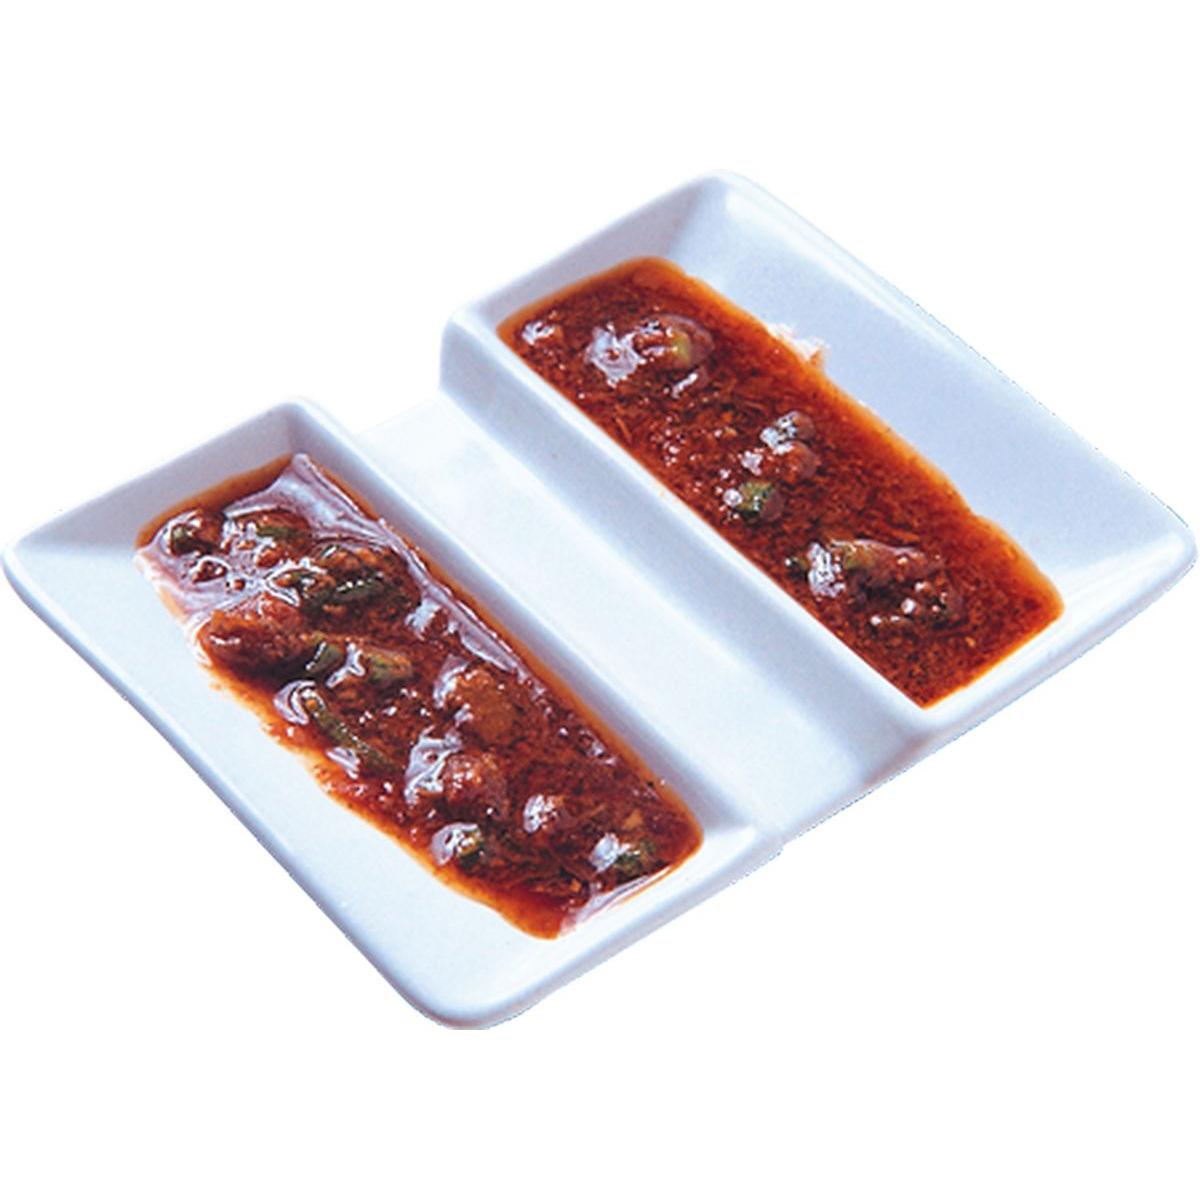 食譜:石頭味噌沾醬